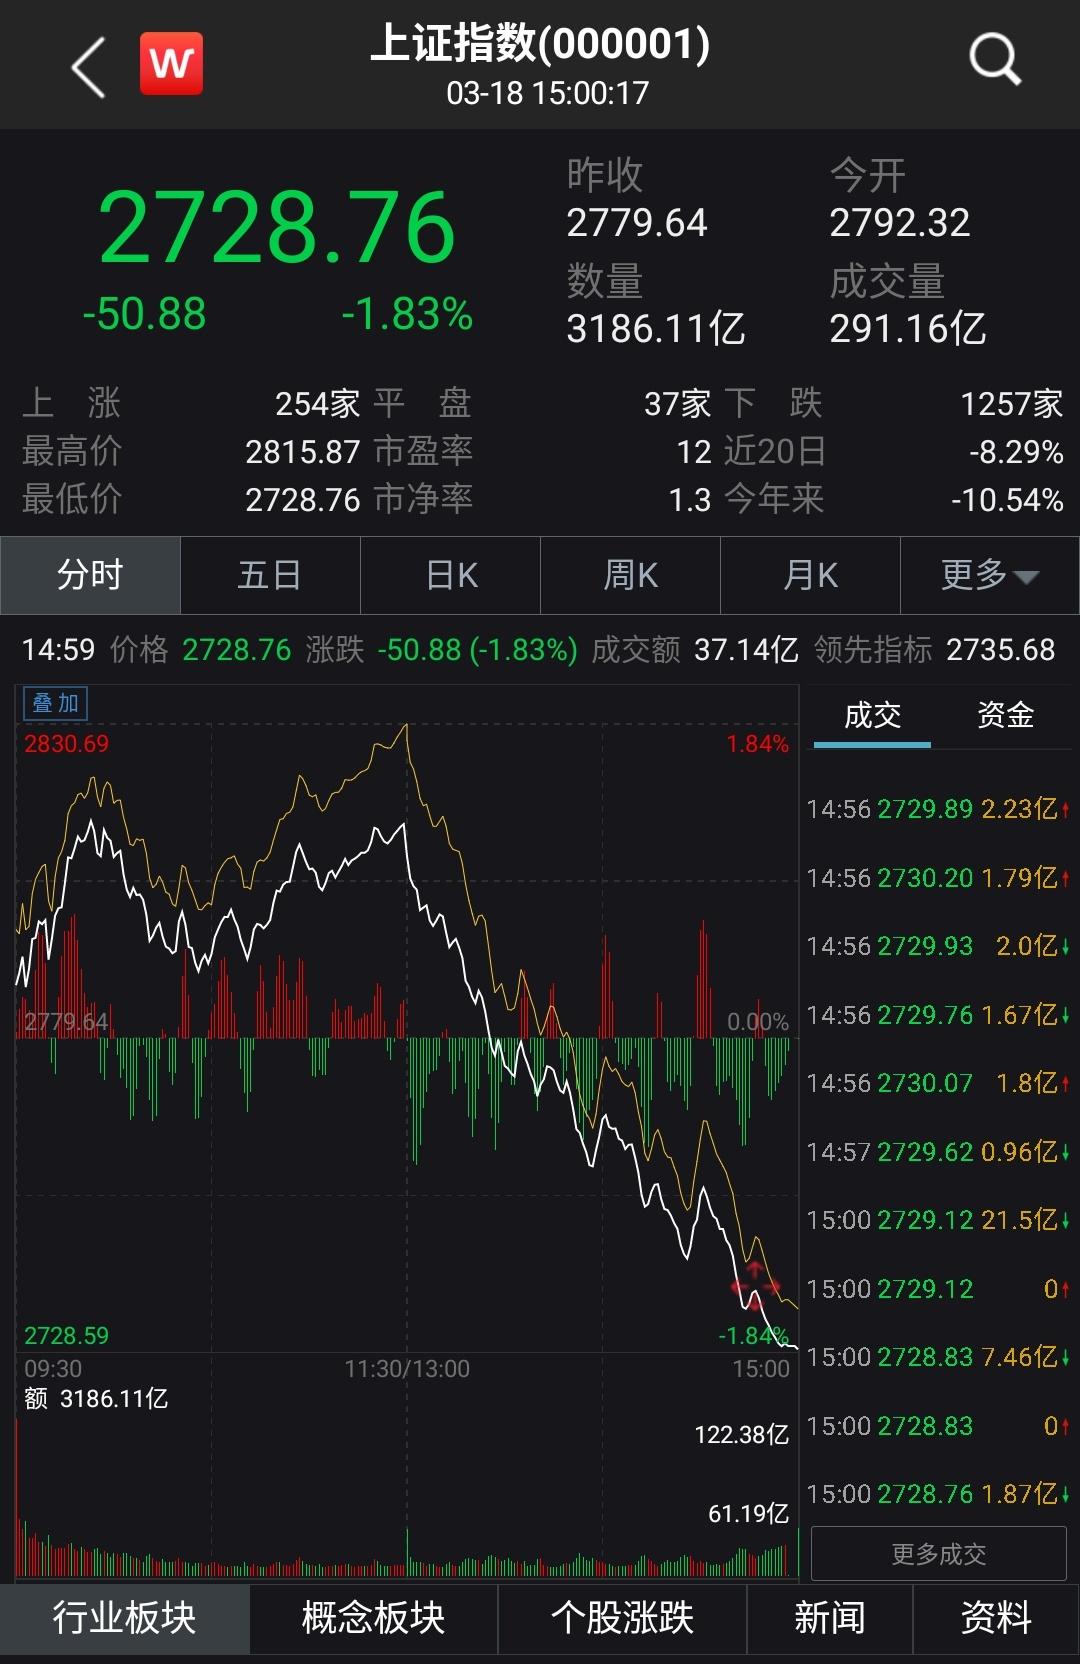 沪指六连跌失守2800点 光刻机概念股逆市活跃